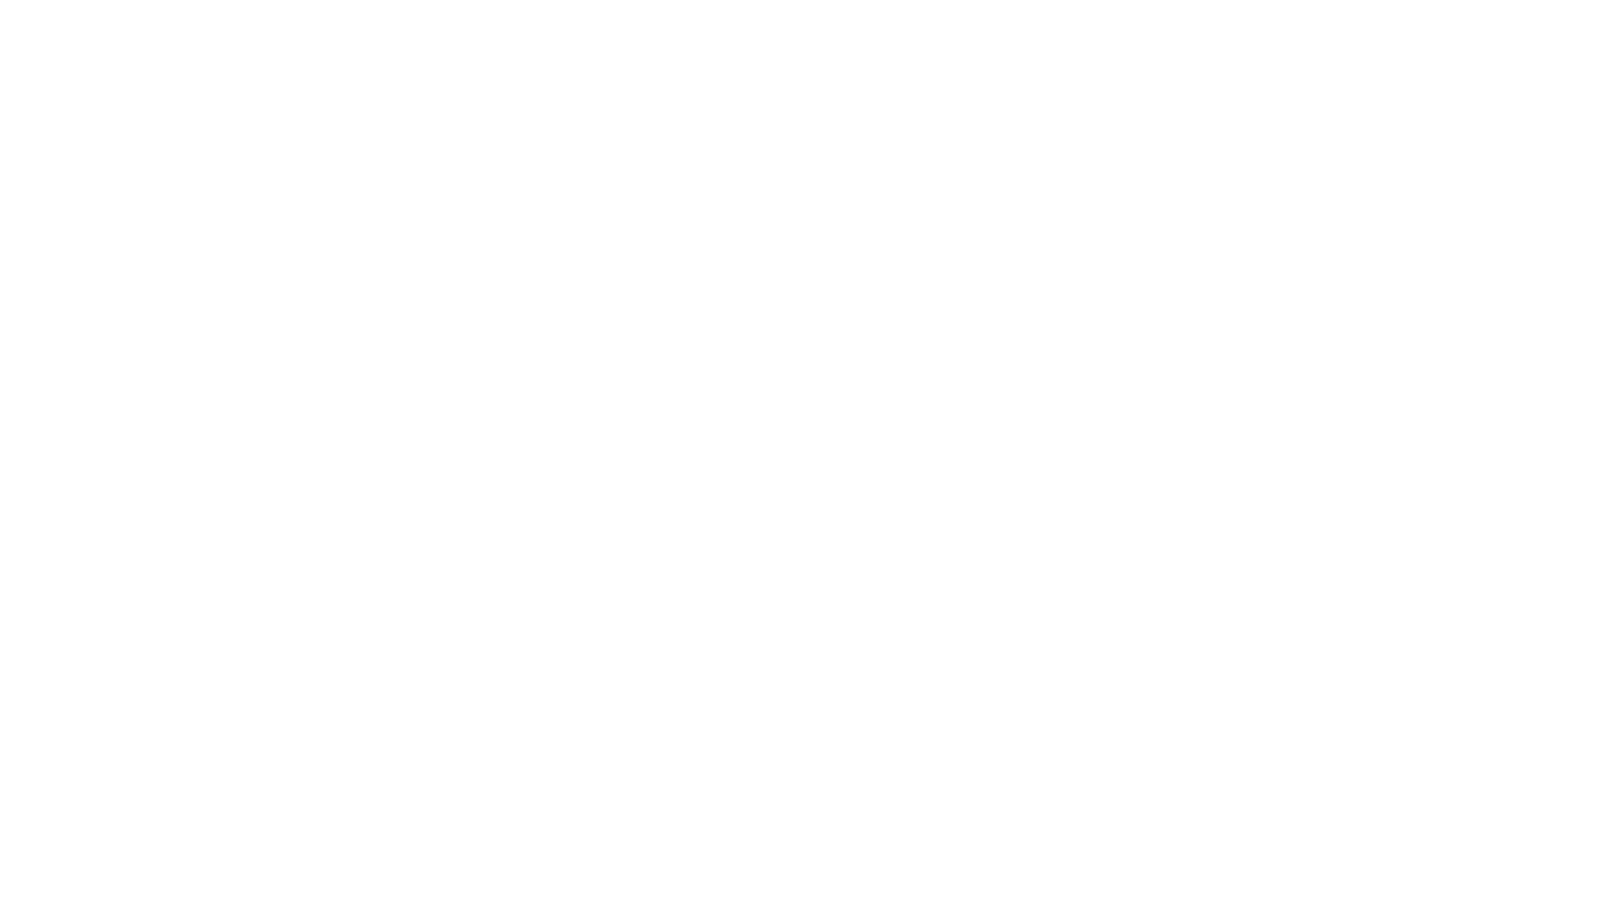 """20 февраля, в Доме культуры поселка Стекольный состоялся концерт """"Разрешите поздравить?""""  Творческие коллективы поздравили мужчин с праздником и подарили свои песни и танцы.  Так же на сцене прошли""""Курс молодого бойца"""" ребята призывного возраста. Они с удовольствием участвовали в интересных конкурсах предложенных им ведущей концерта"""